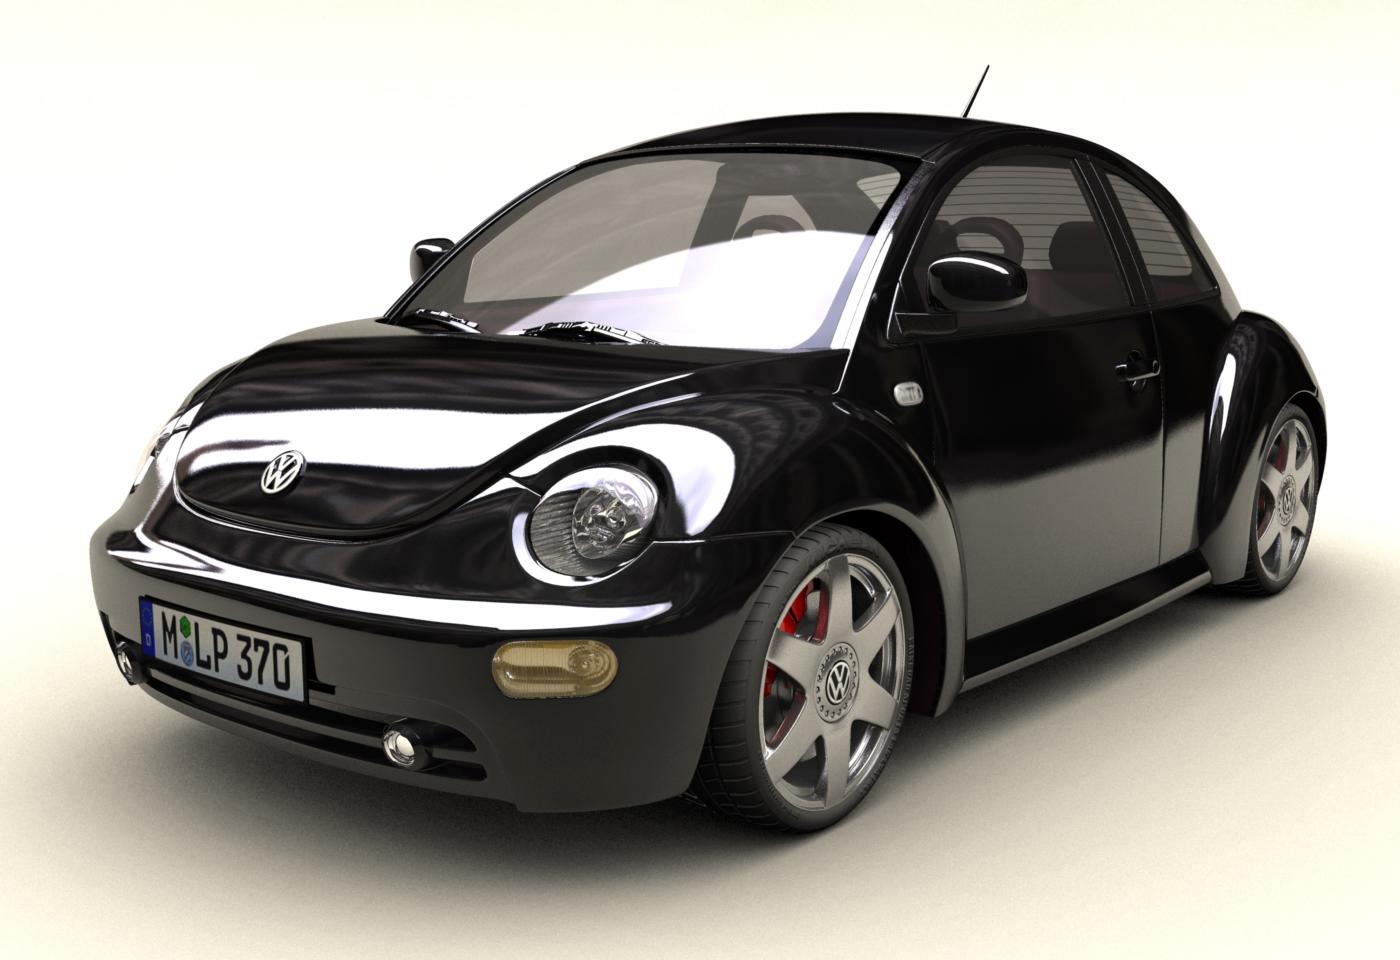 Car0001-3500-3500